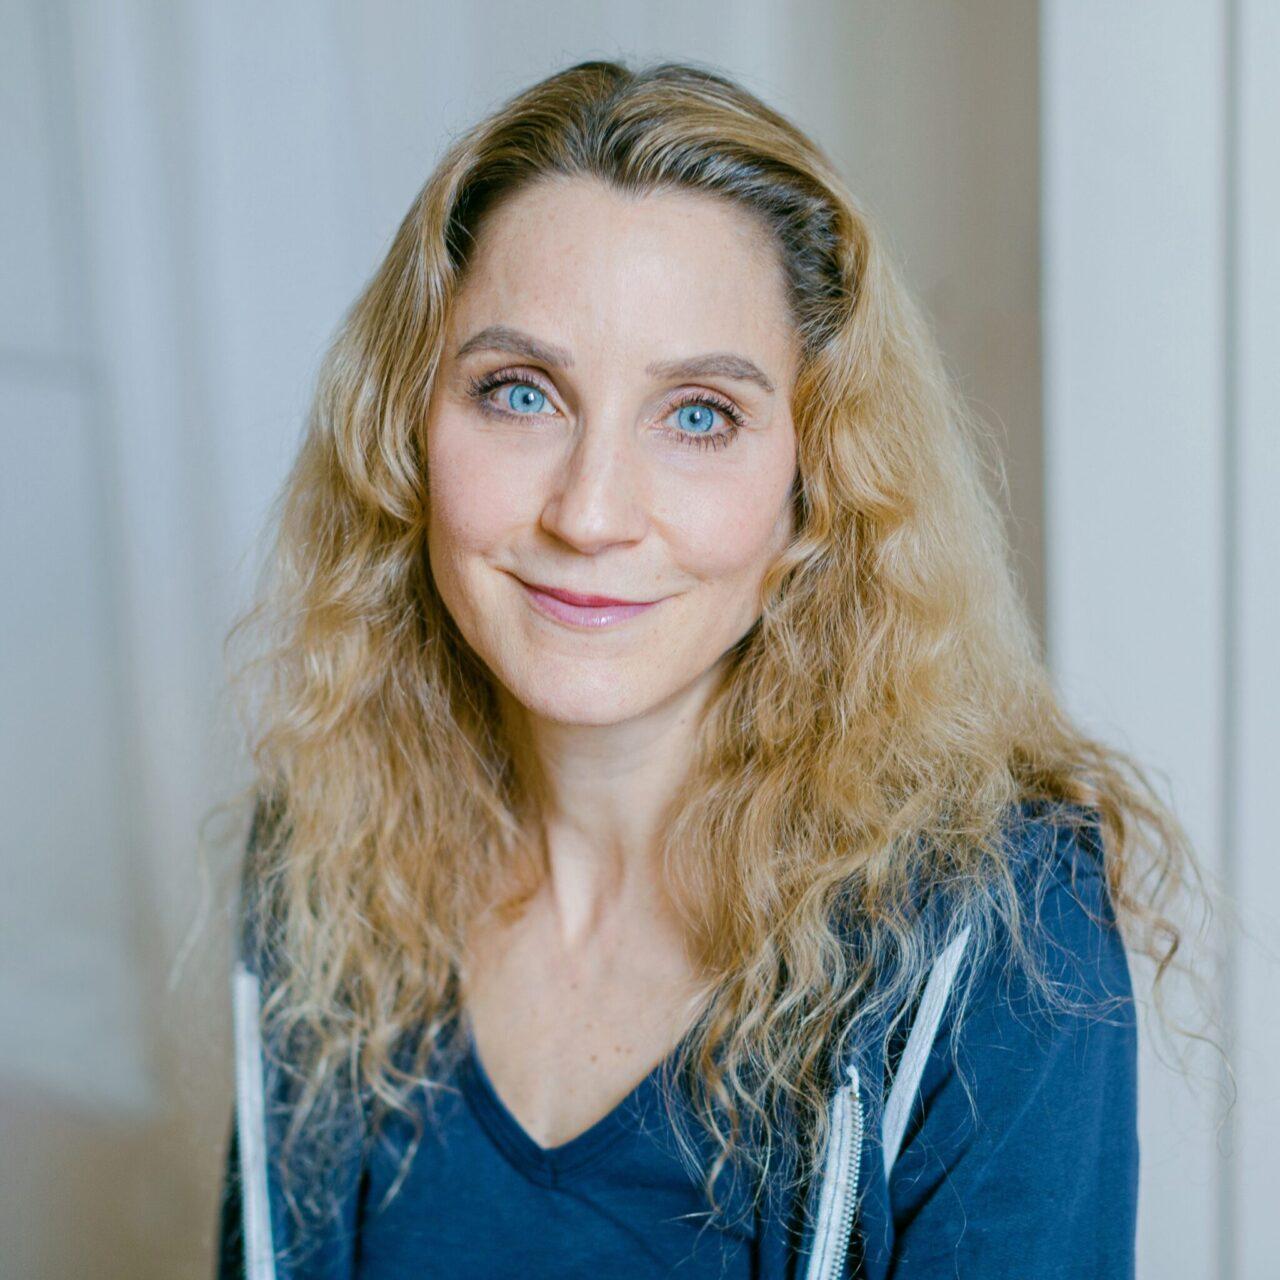 MEMBER SPOTLIGHT: Christine Huntemann – Mein fünftes ist ein Engelchen